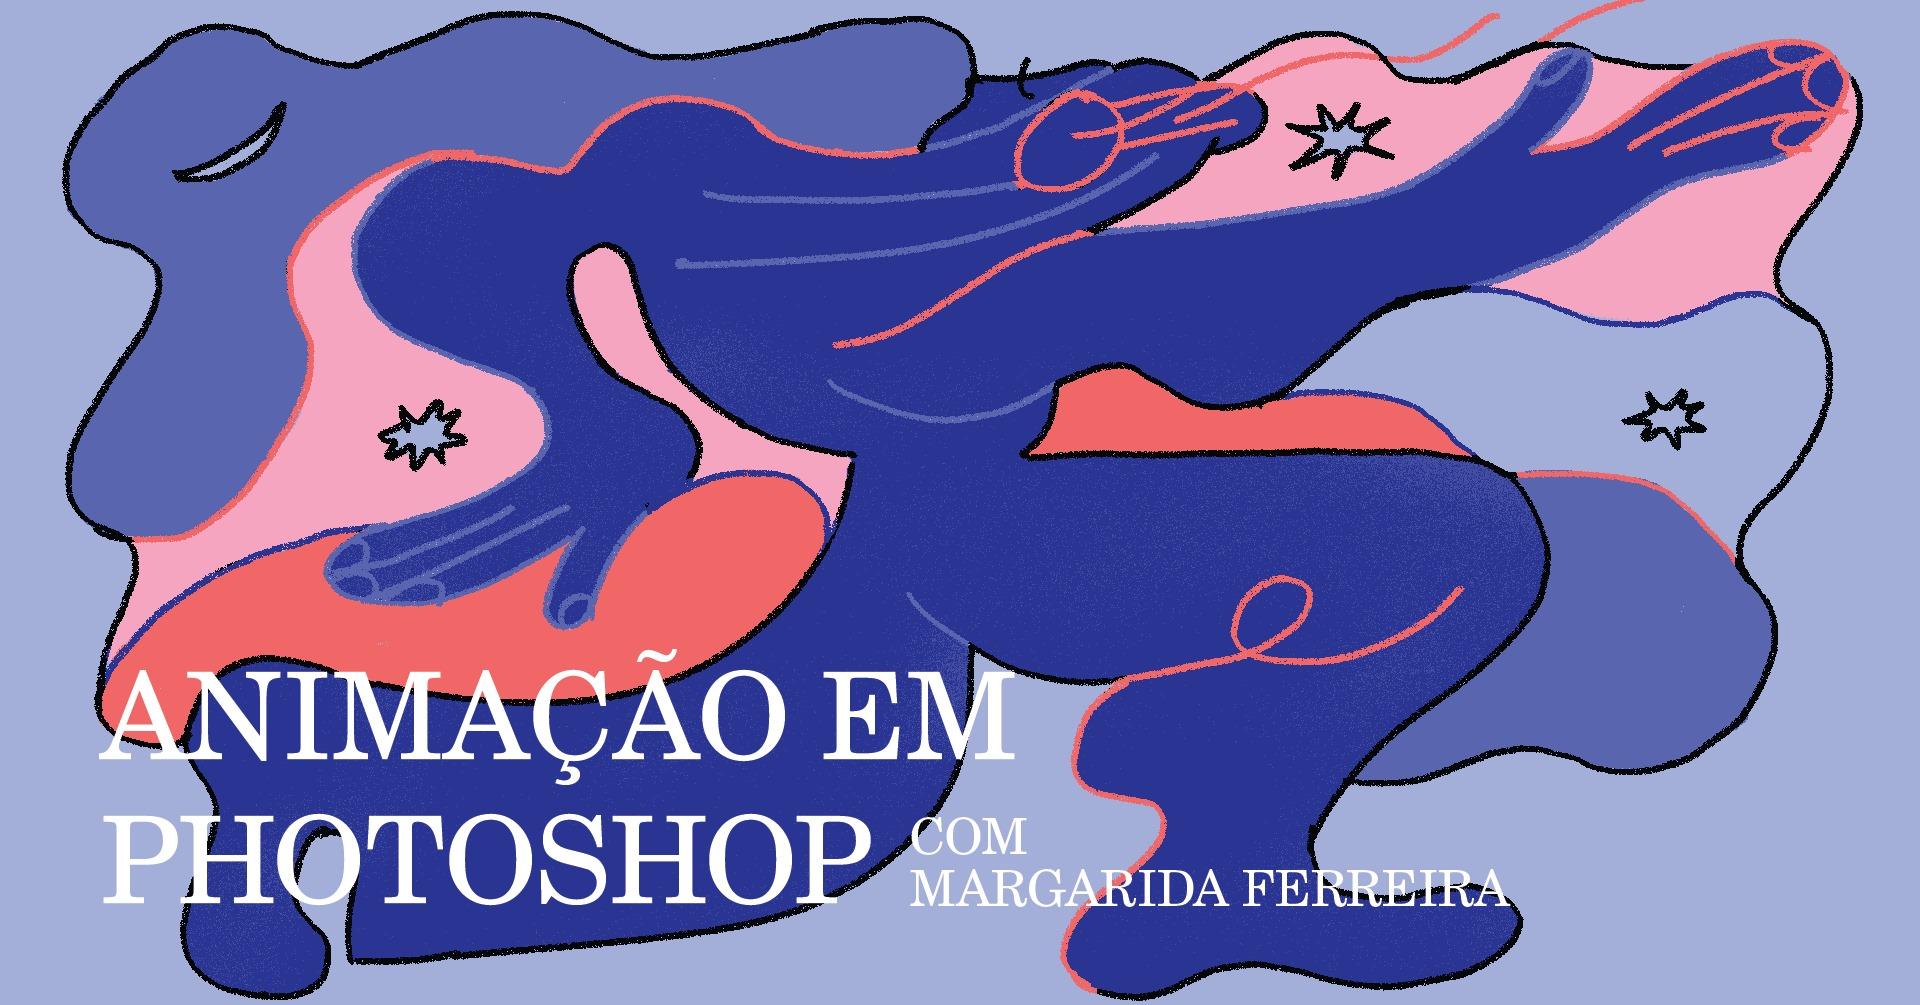 Oficina de Animação em Photoshop com Margarida Ferreira | GrETUA & American Corner UA